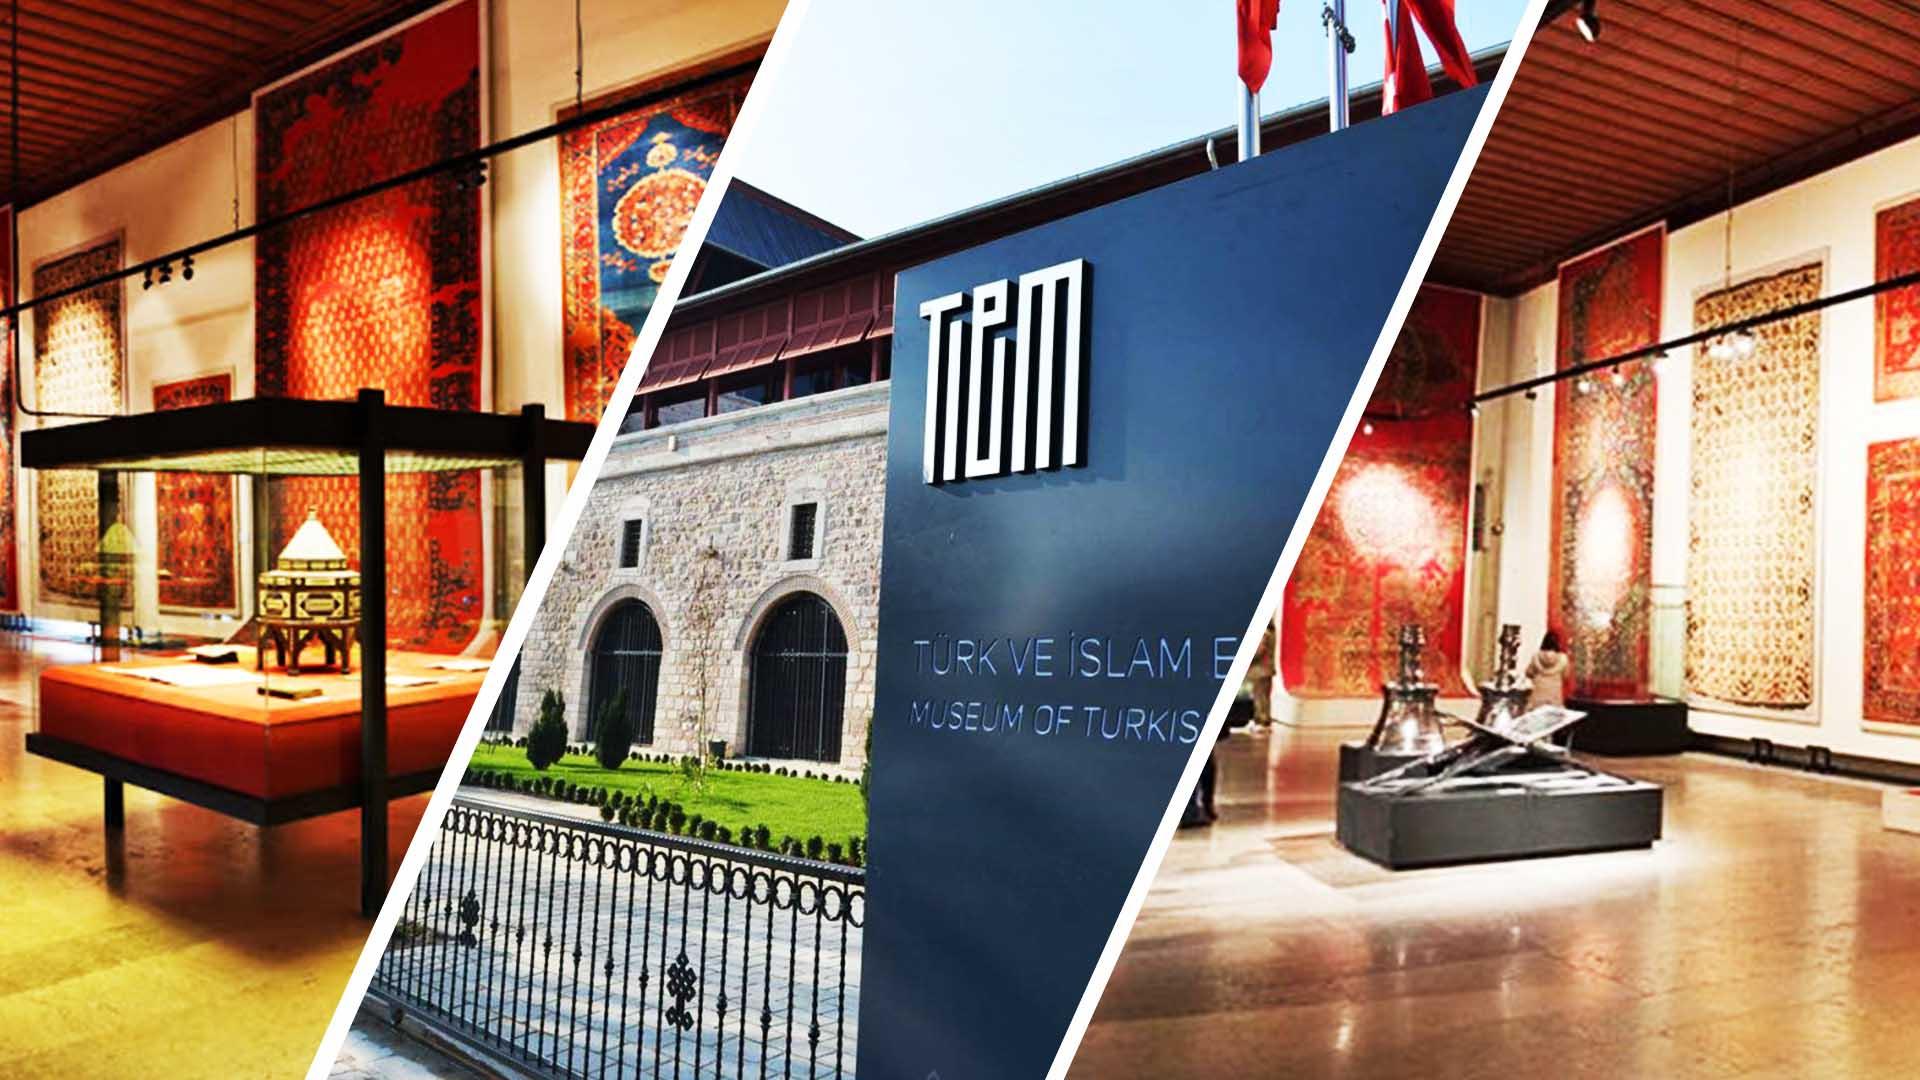 يقع متحف الفنون الإسلامية التركي في منطقة السلطان أحمد بجوار الجامع الأزرق . يمكنك أيضا زيارة ميدان السلطان أحمد الذي يقع بين المسجد الأزرق و متحف الفنون الإسلامية التركية